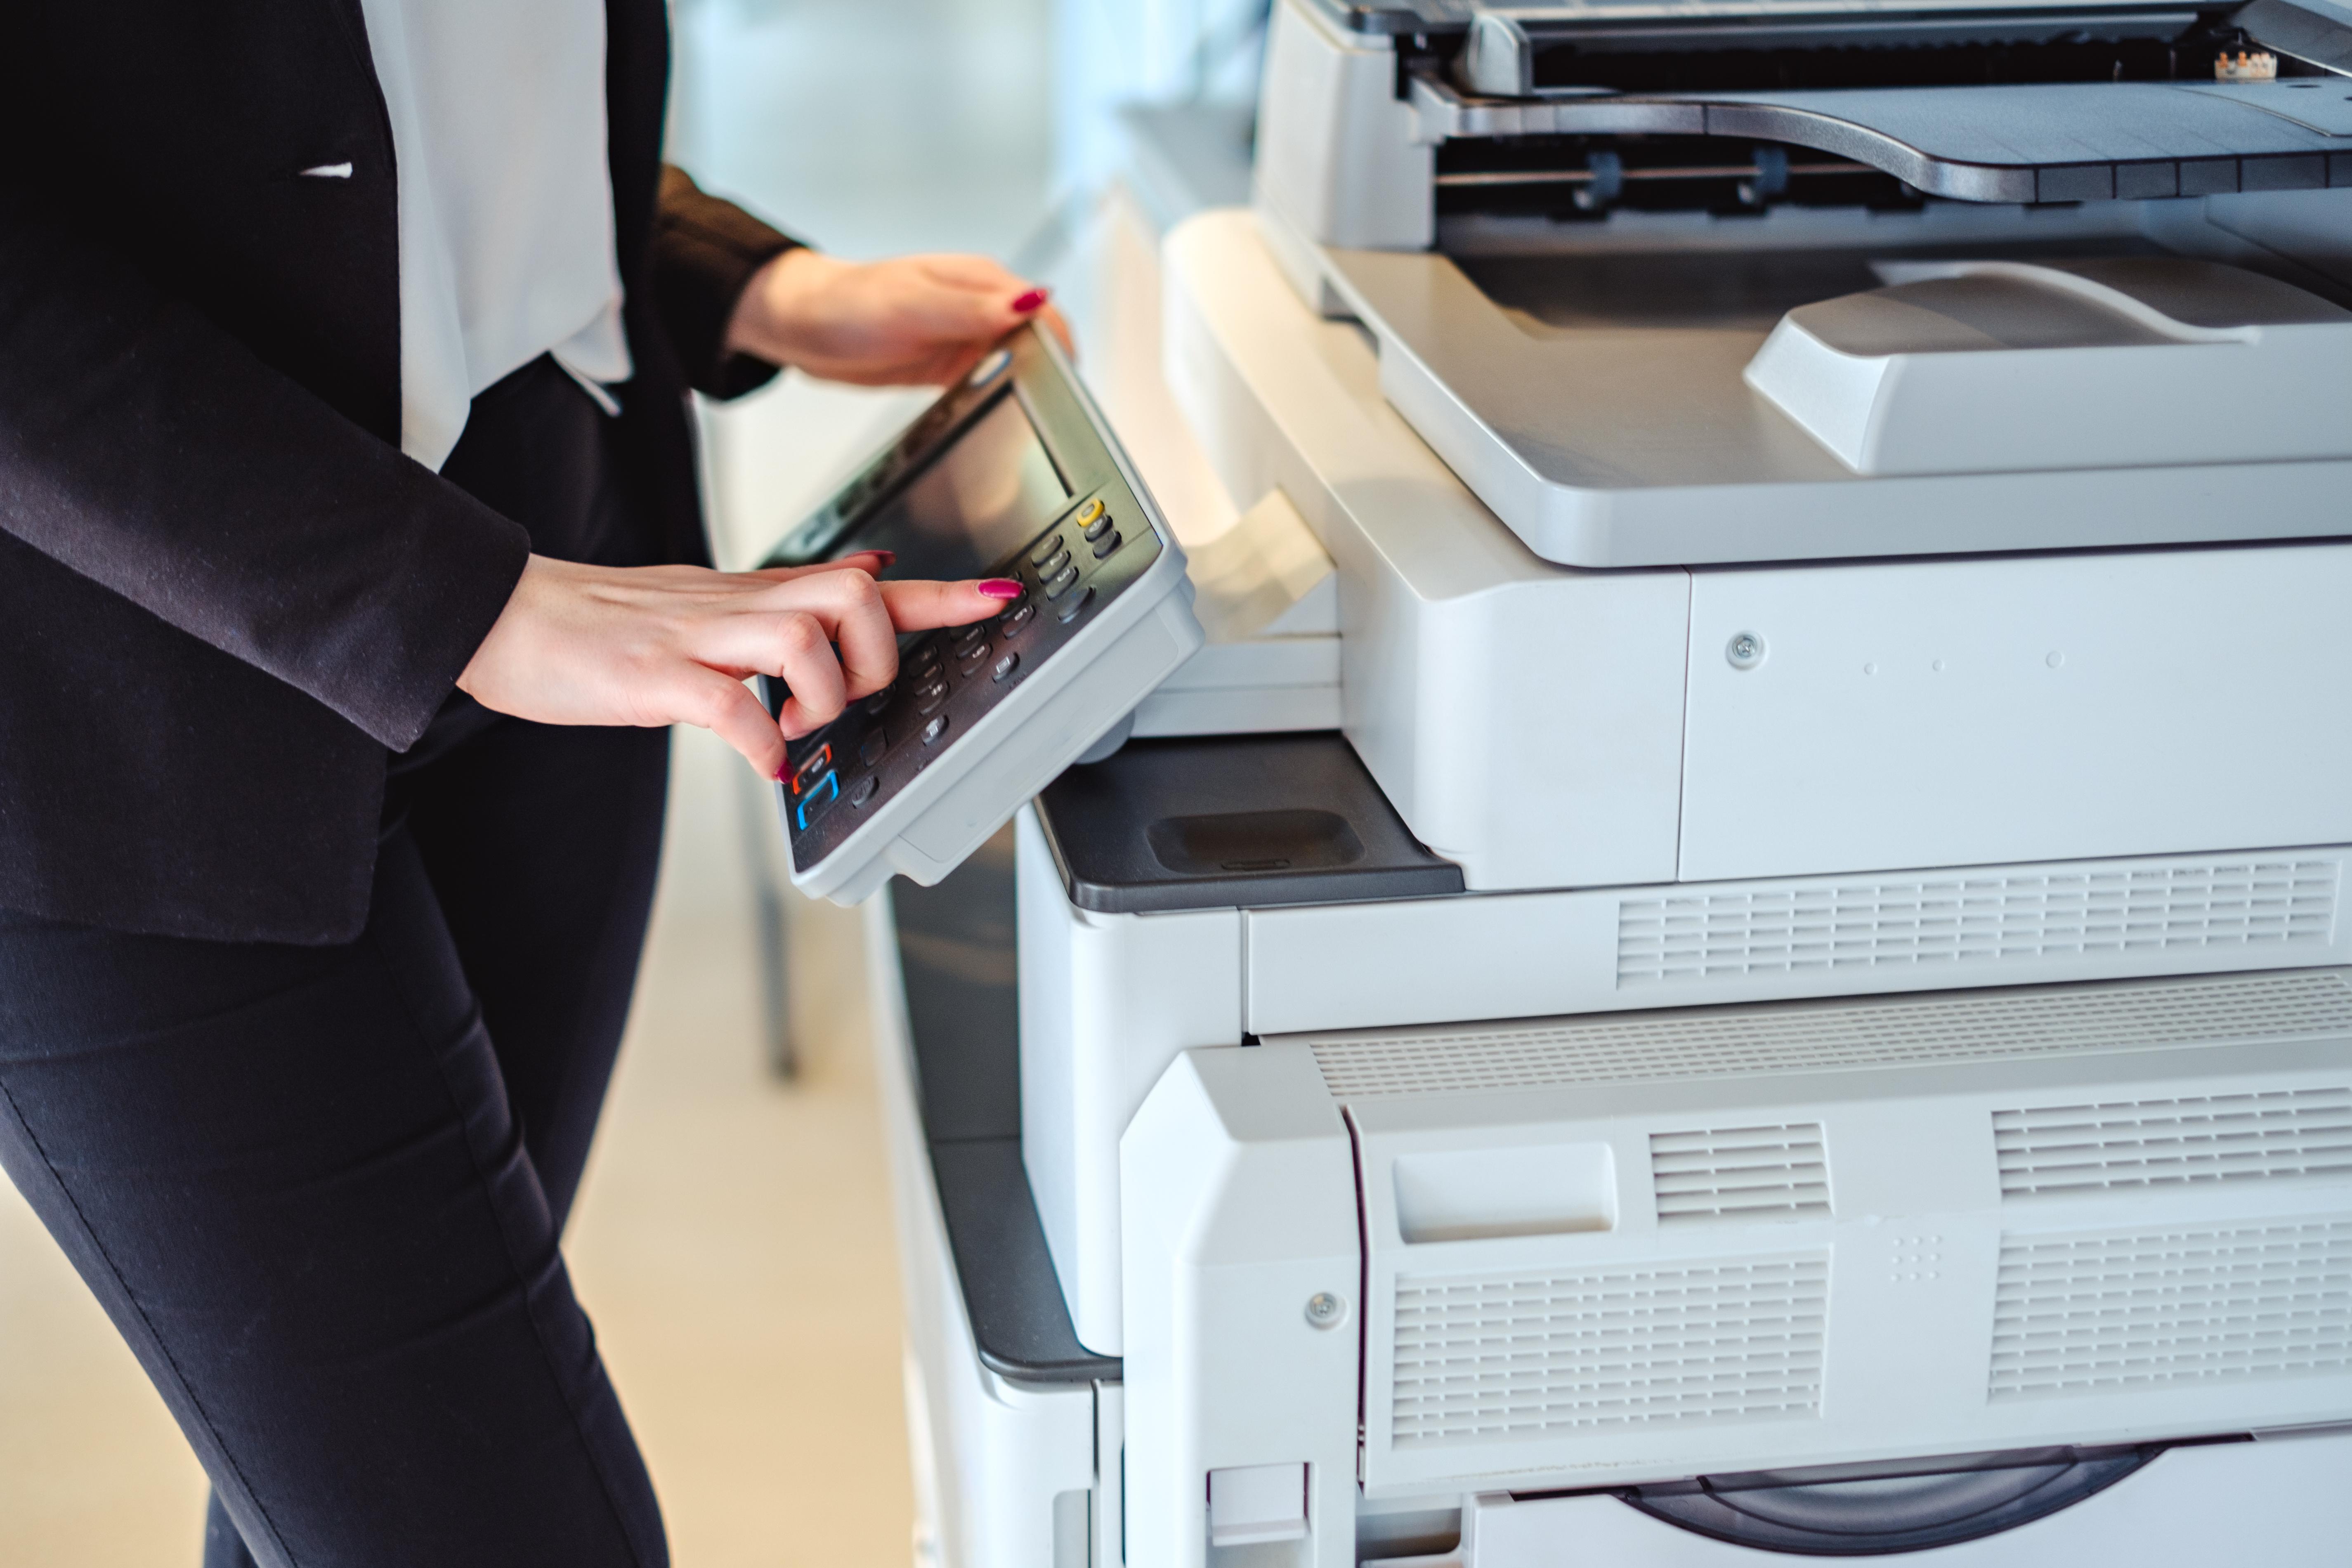 Female financial advisor using a printer.